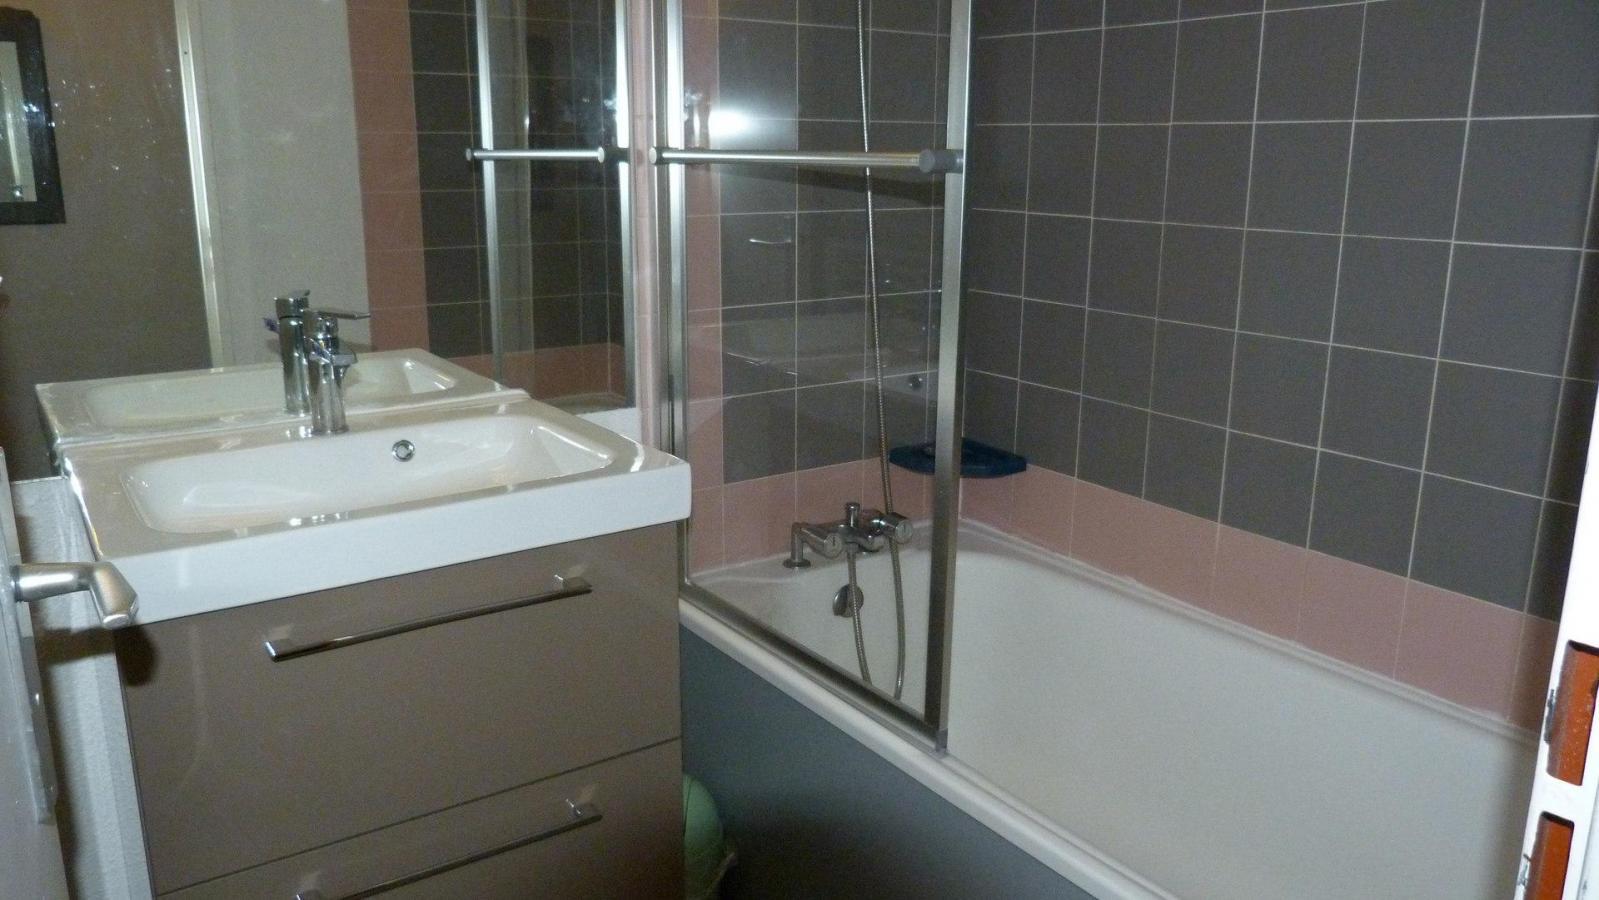 Location au ski Appartement 3 pièces 6 personnes (600) - Residence Le Ruitor - Les Arcs - Lit simple